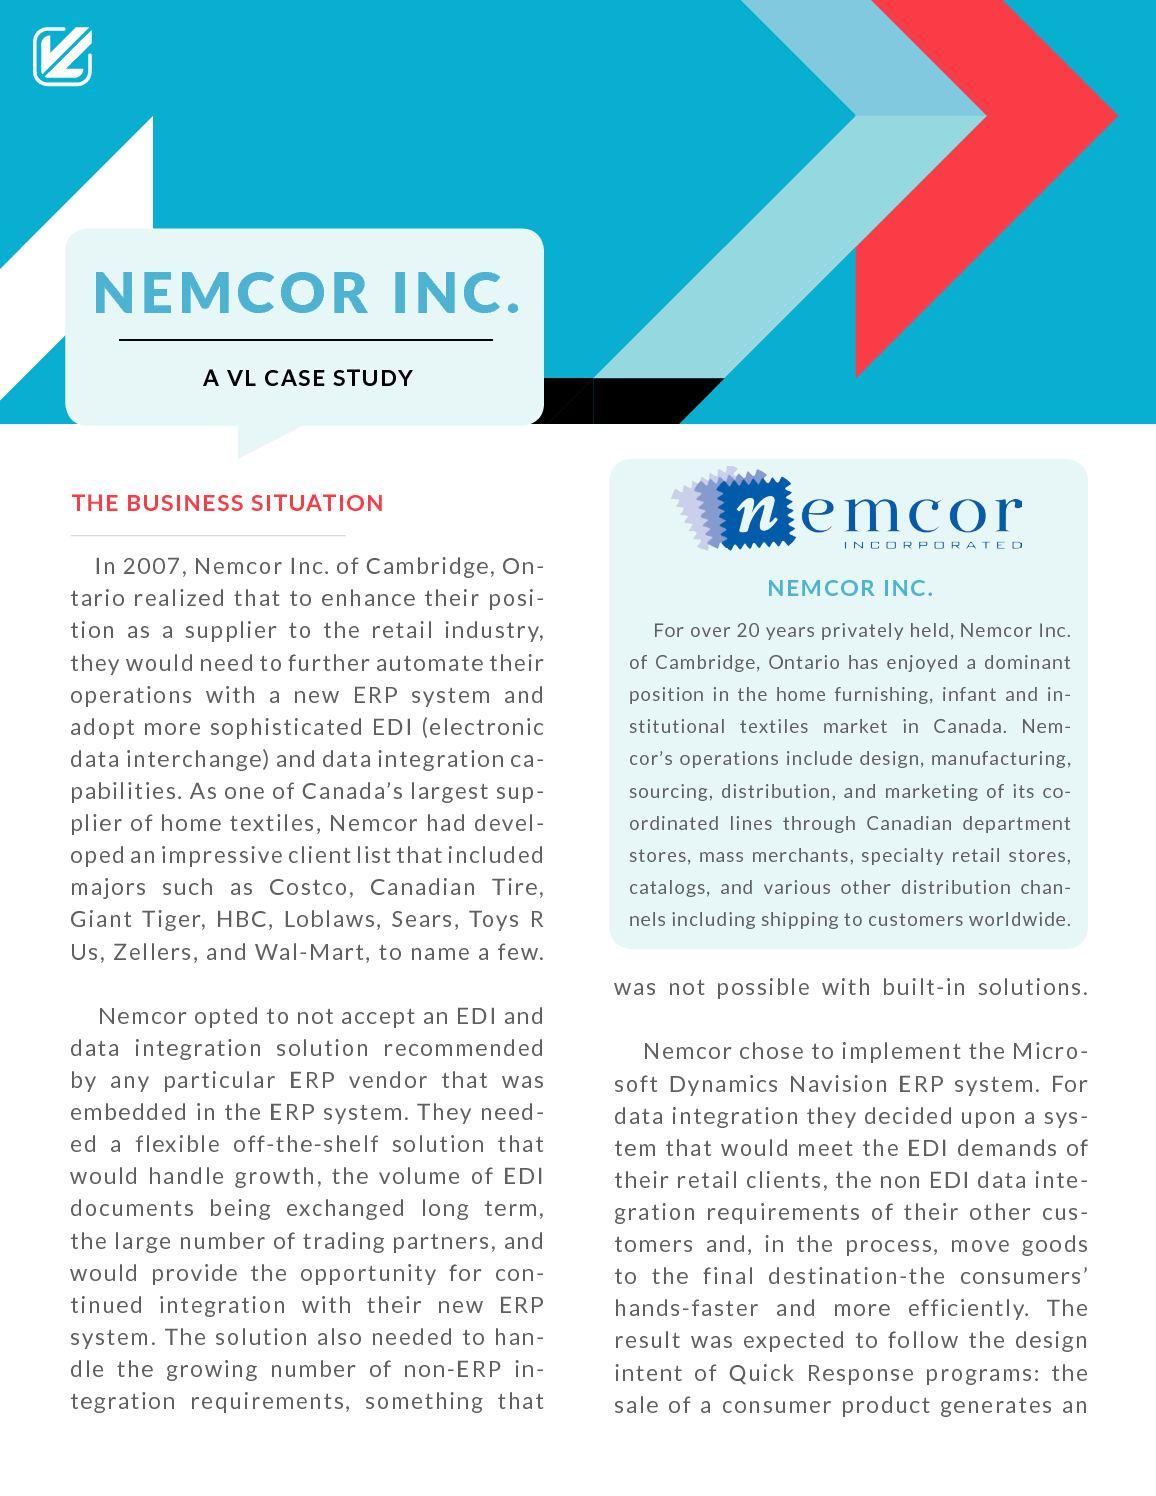 Calaméo - Nemcor Inc  : A VL Case Study